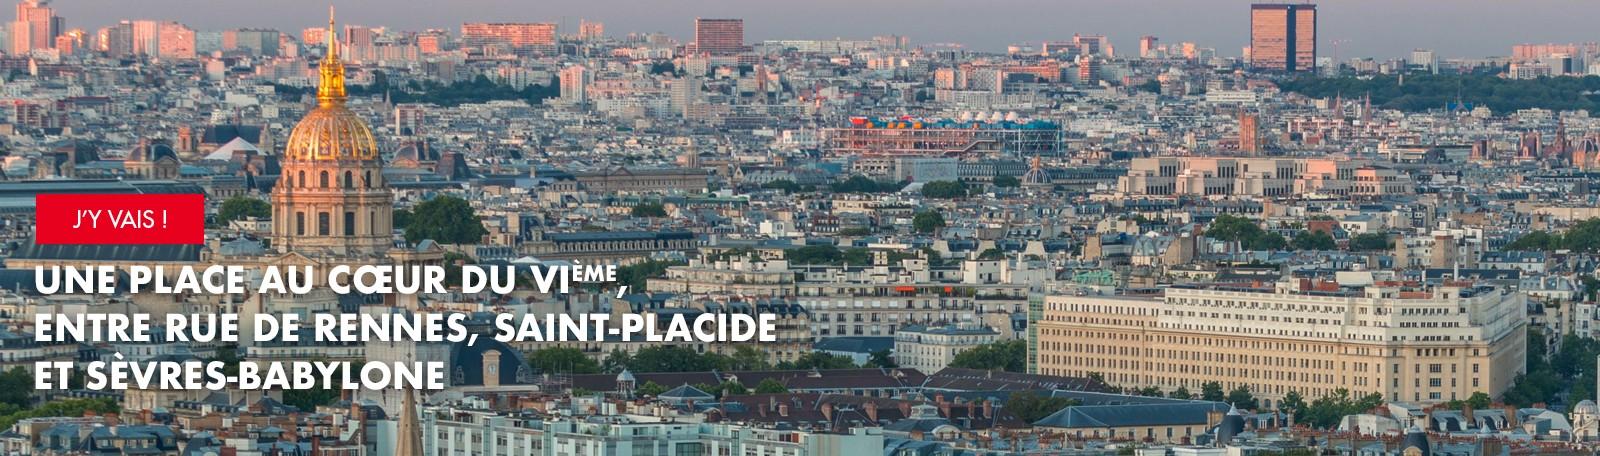 Une place au cœur du VIème entre rue de Rennes, Saint-Placide et Sèvres-Babylone